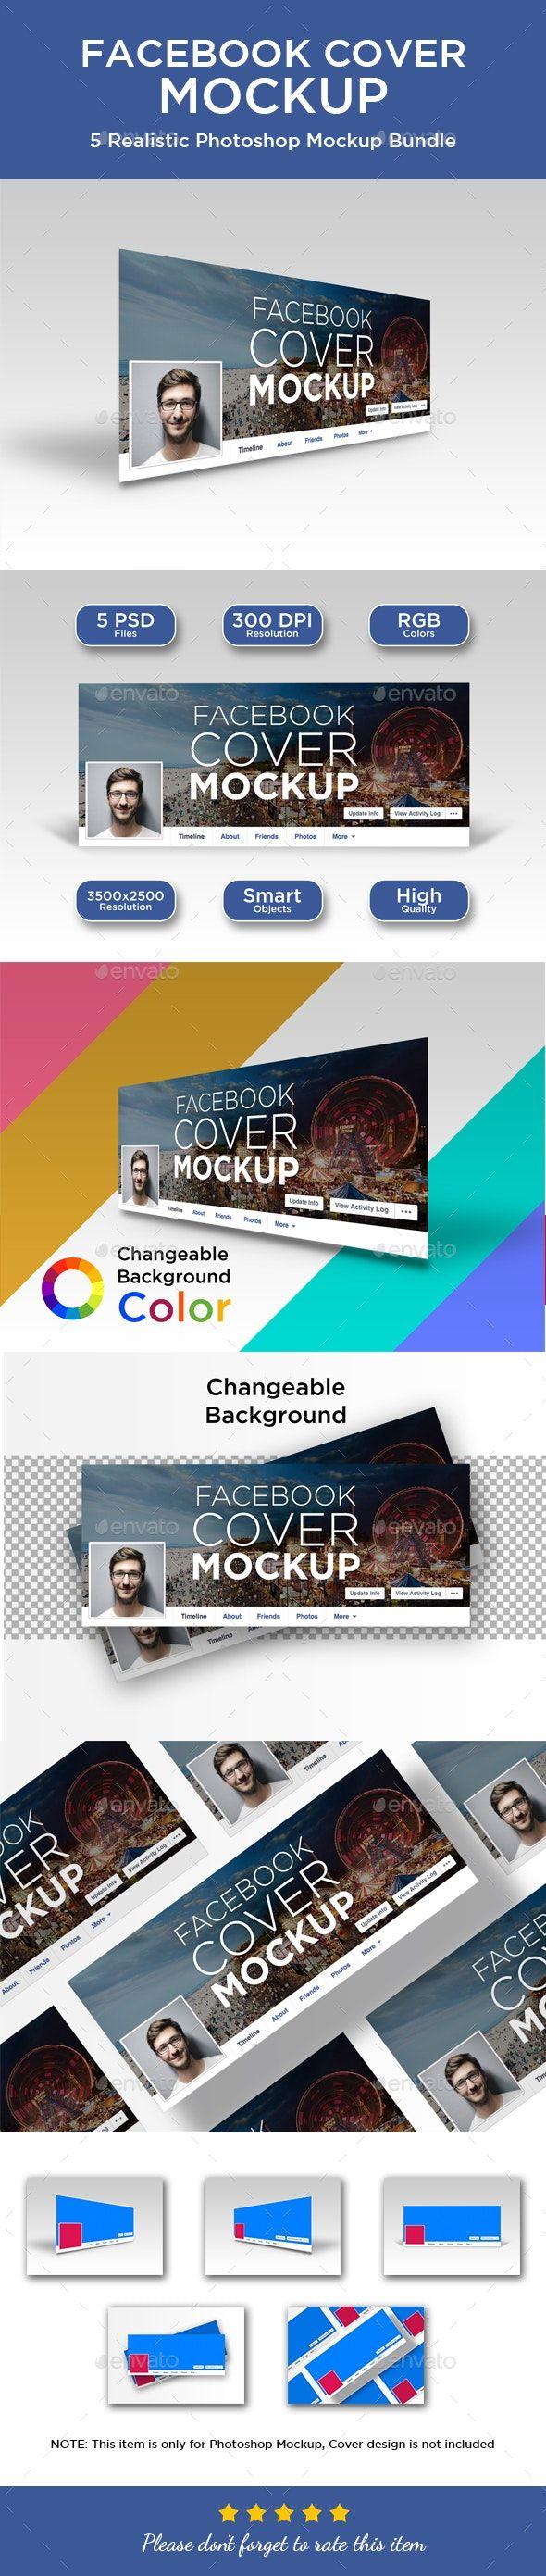 Facebook Cover Mockup Facebook Cover Mockup Mockup Design